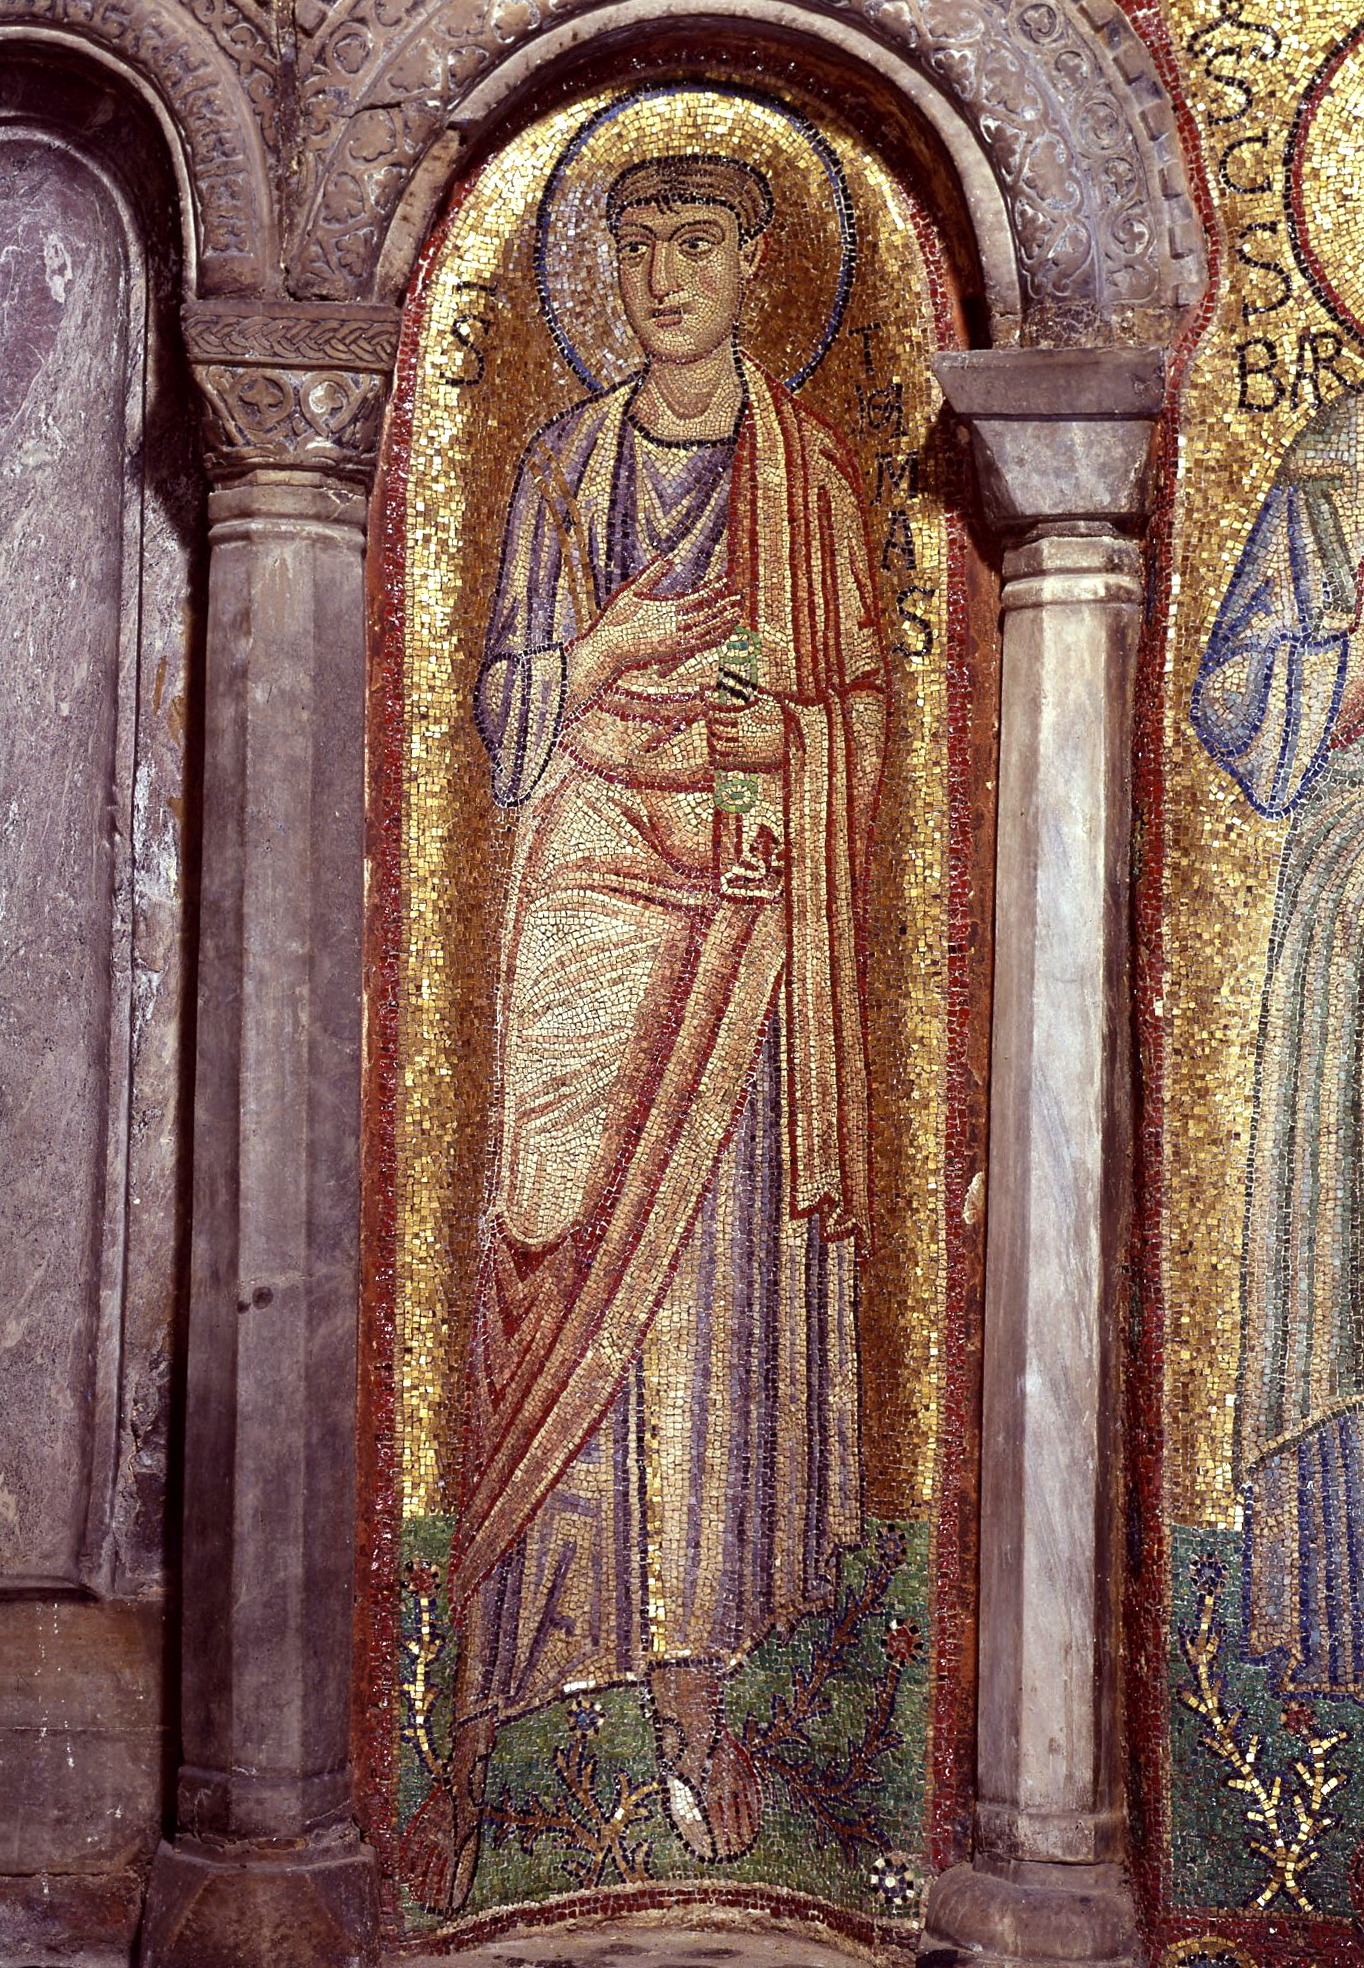 Святой Апостол Фома. Мозаика XI века в соборе Св. Марка в Венеции.